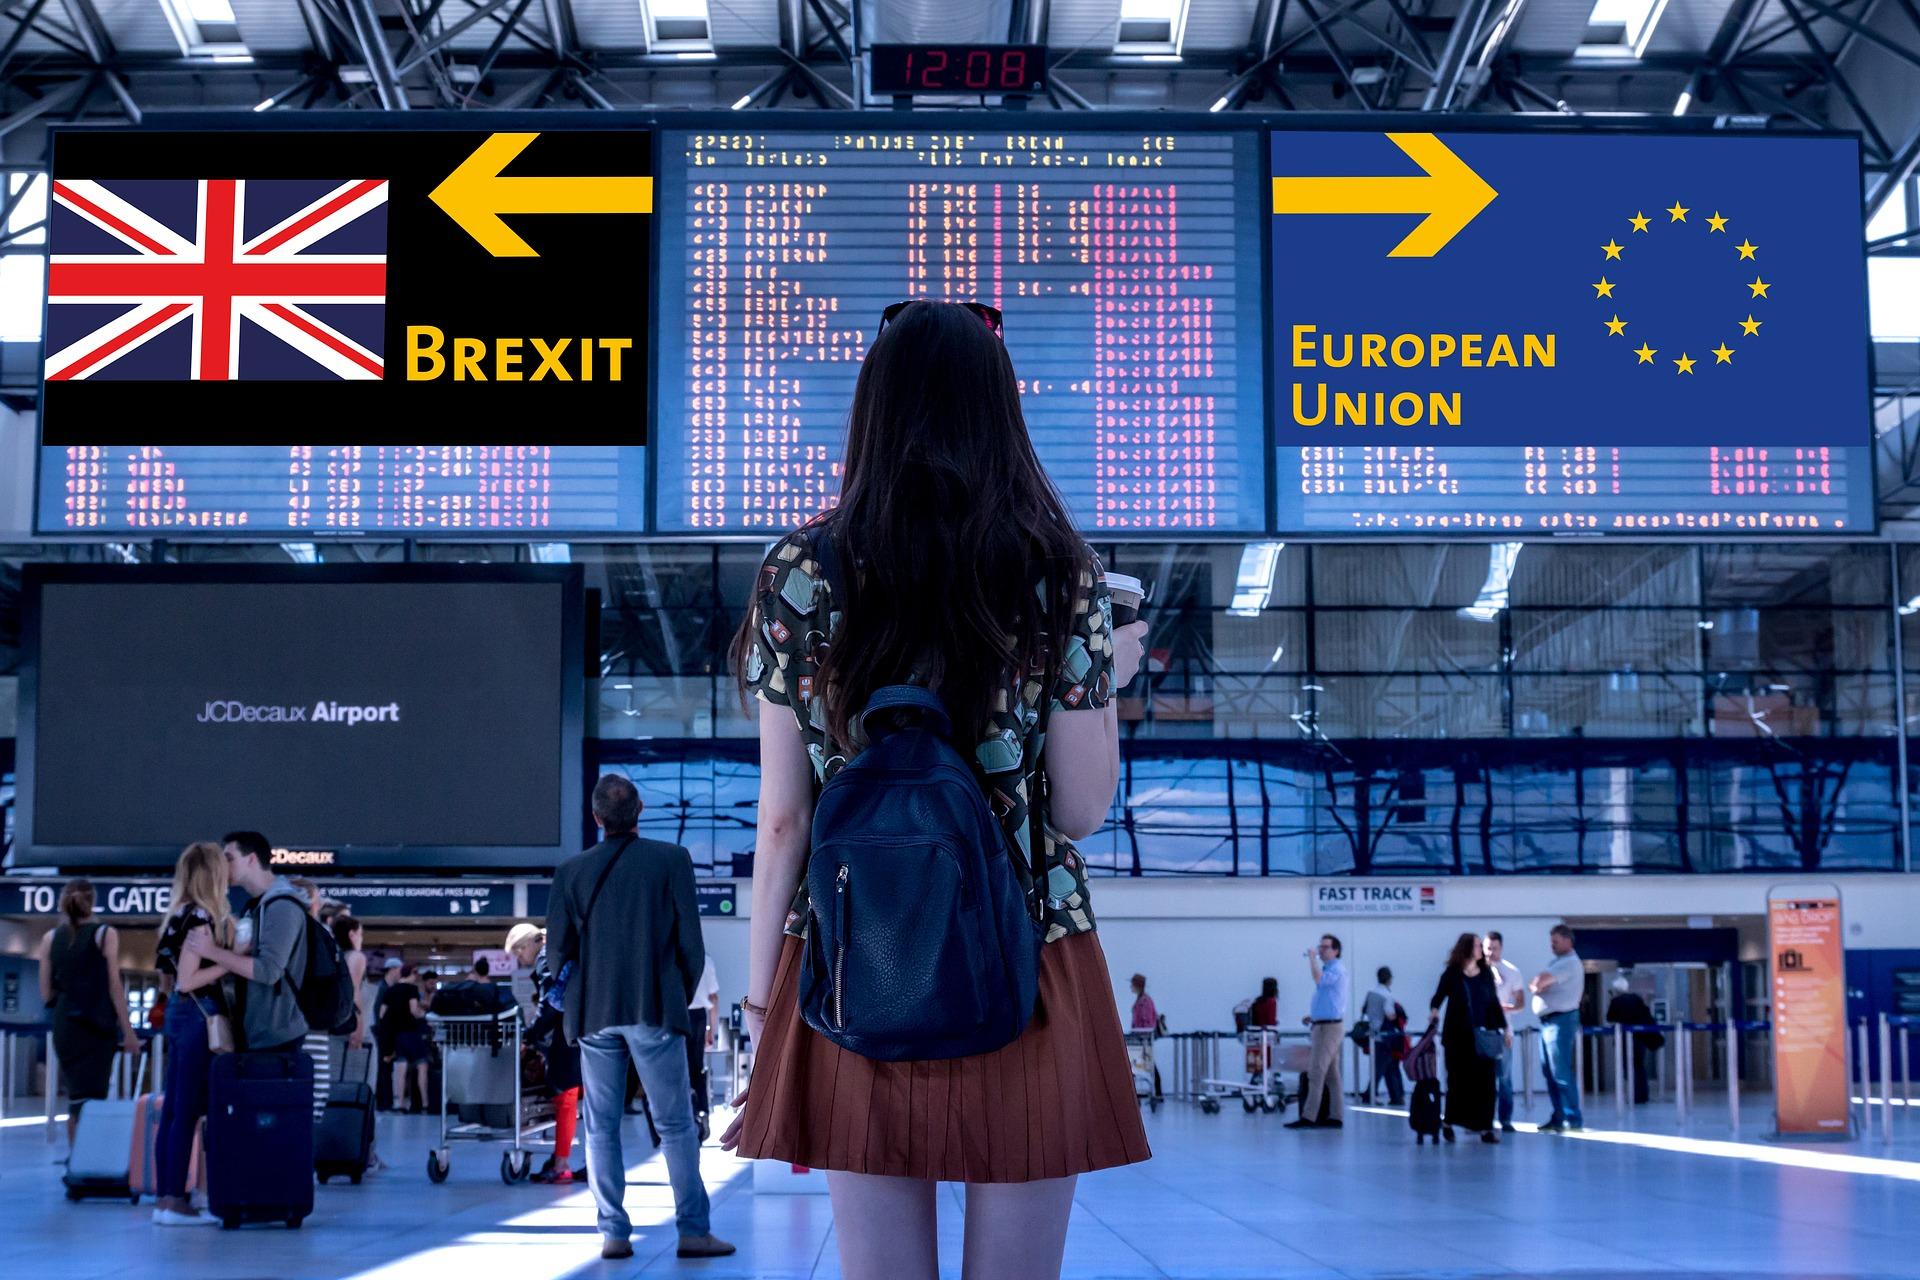 Brexit or EU?